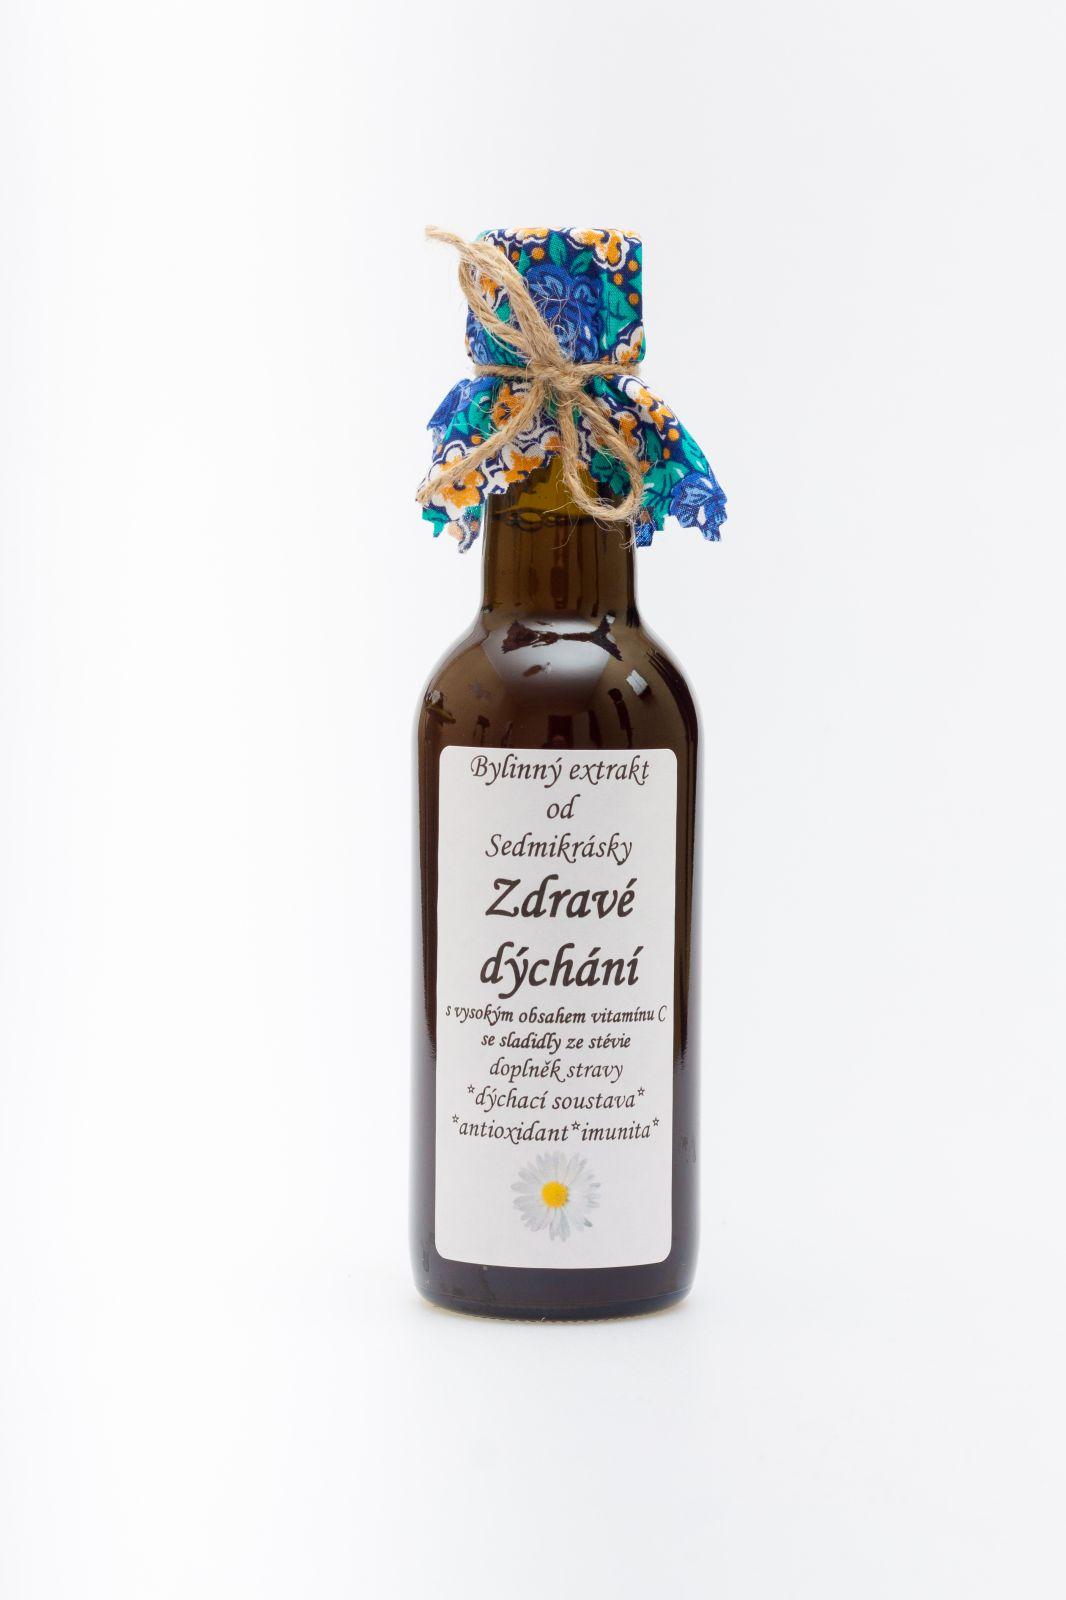 Sedmikráska bylinný extrakt Zdravé dýchání 250ml dýchací soustava, antioxidant, imunita doplněk stravy Rodinná farma Sedmikráska